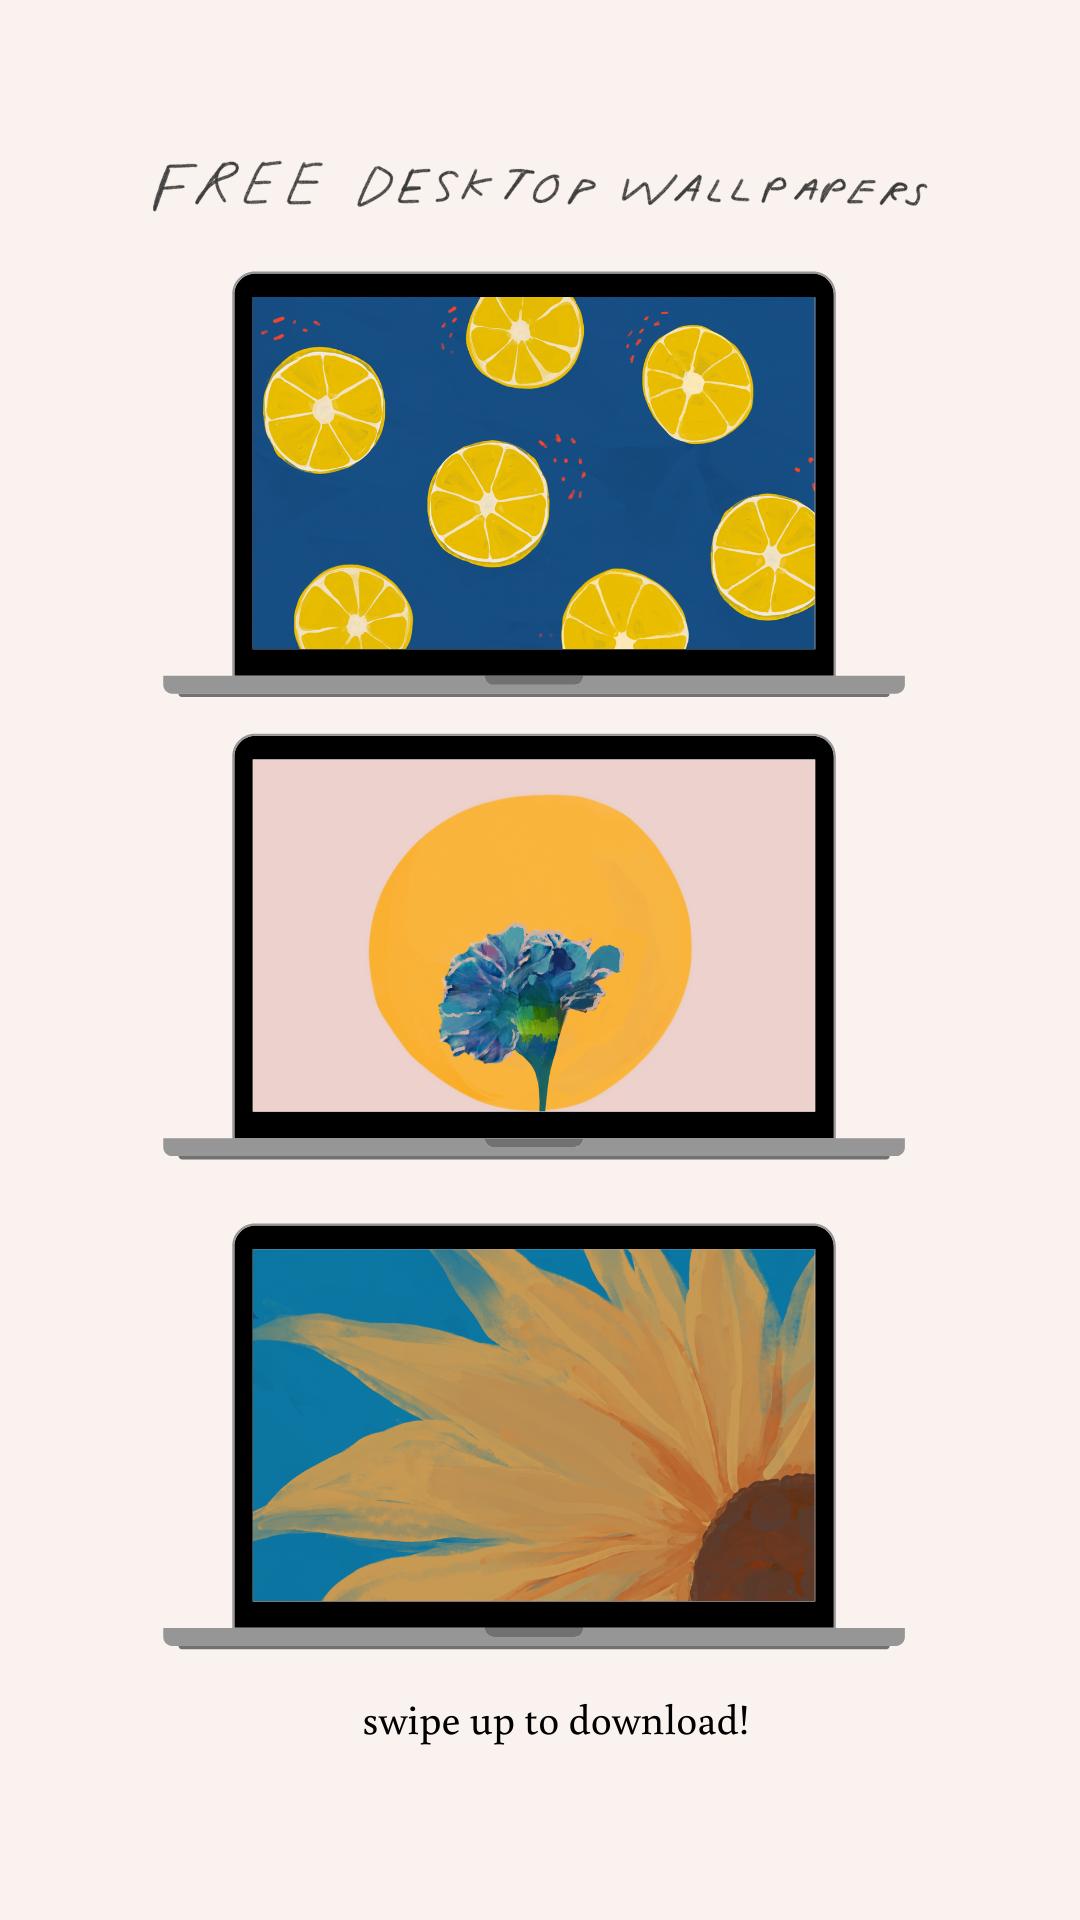 Free Desktop Wallpaper In 2020 Computer Wallpaper Desktop Wallpapers Free Desktop Wallpaper Laptop Wallpaper Desktop Wallpapers